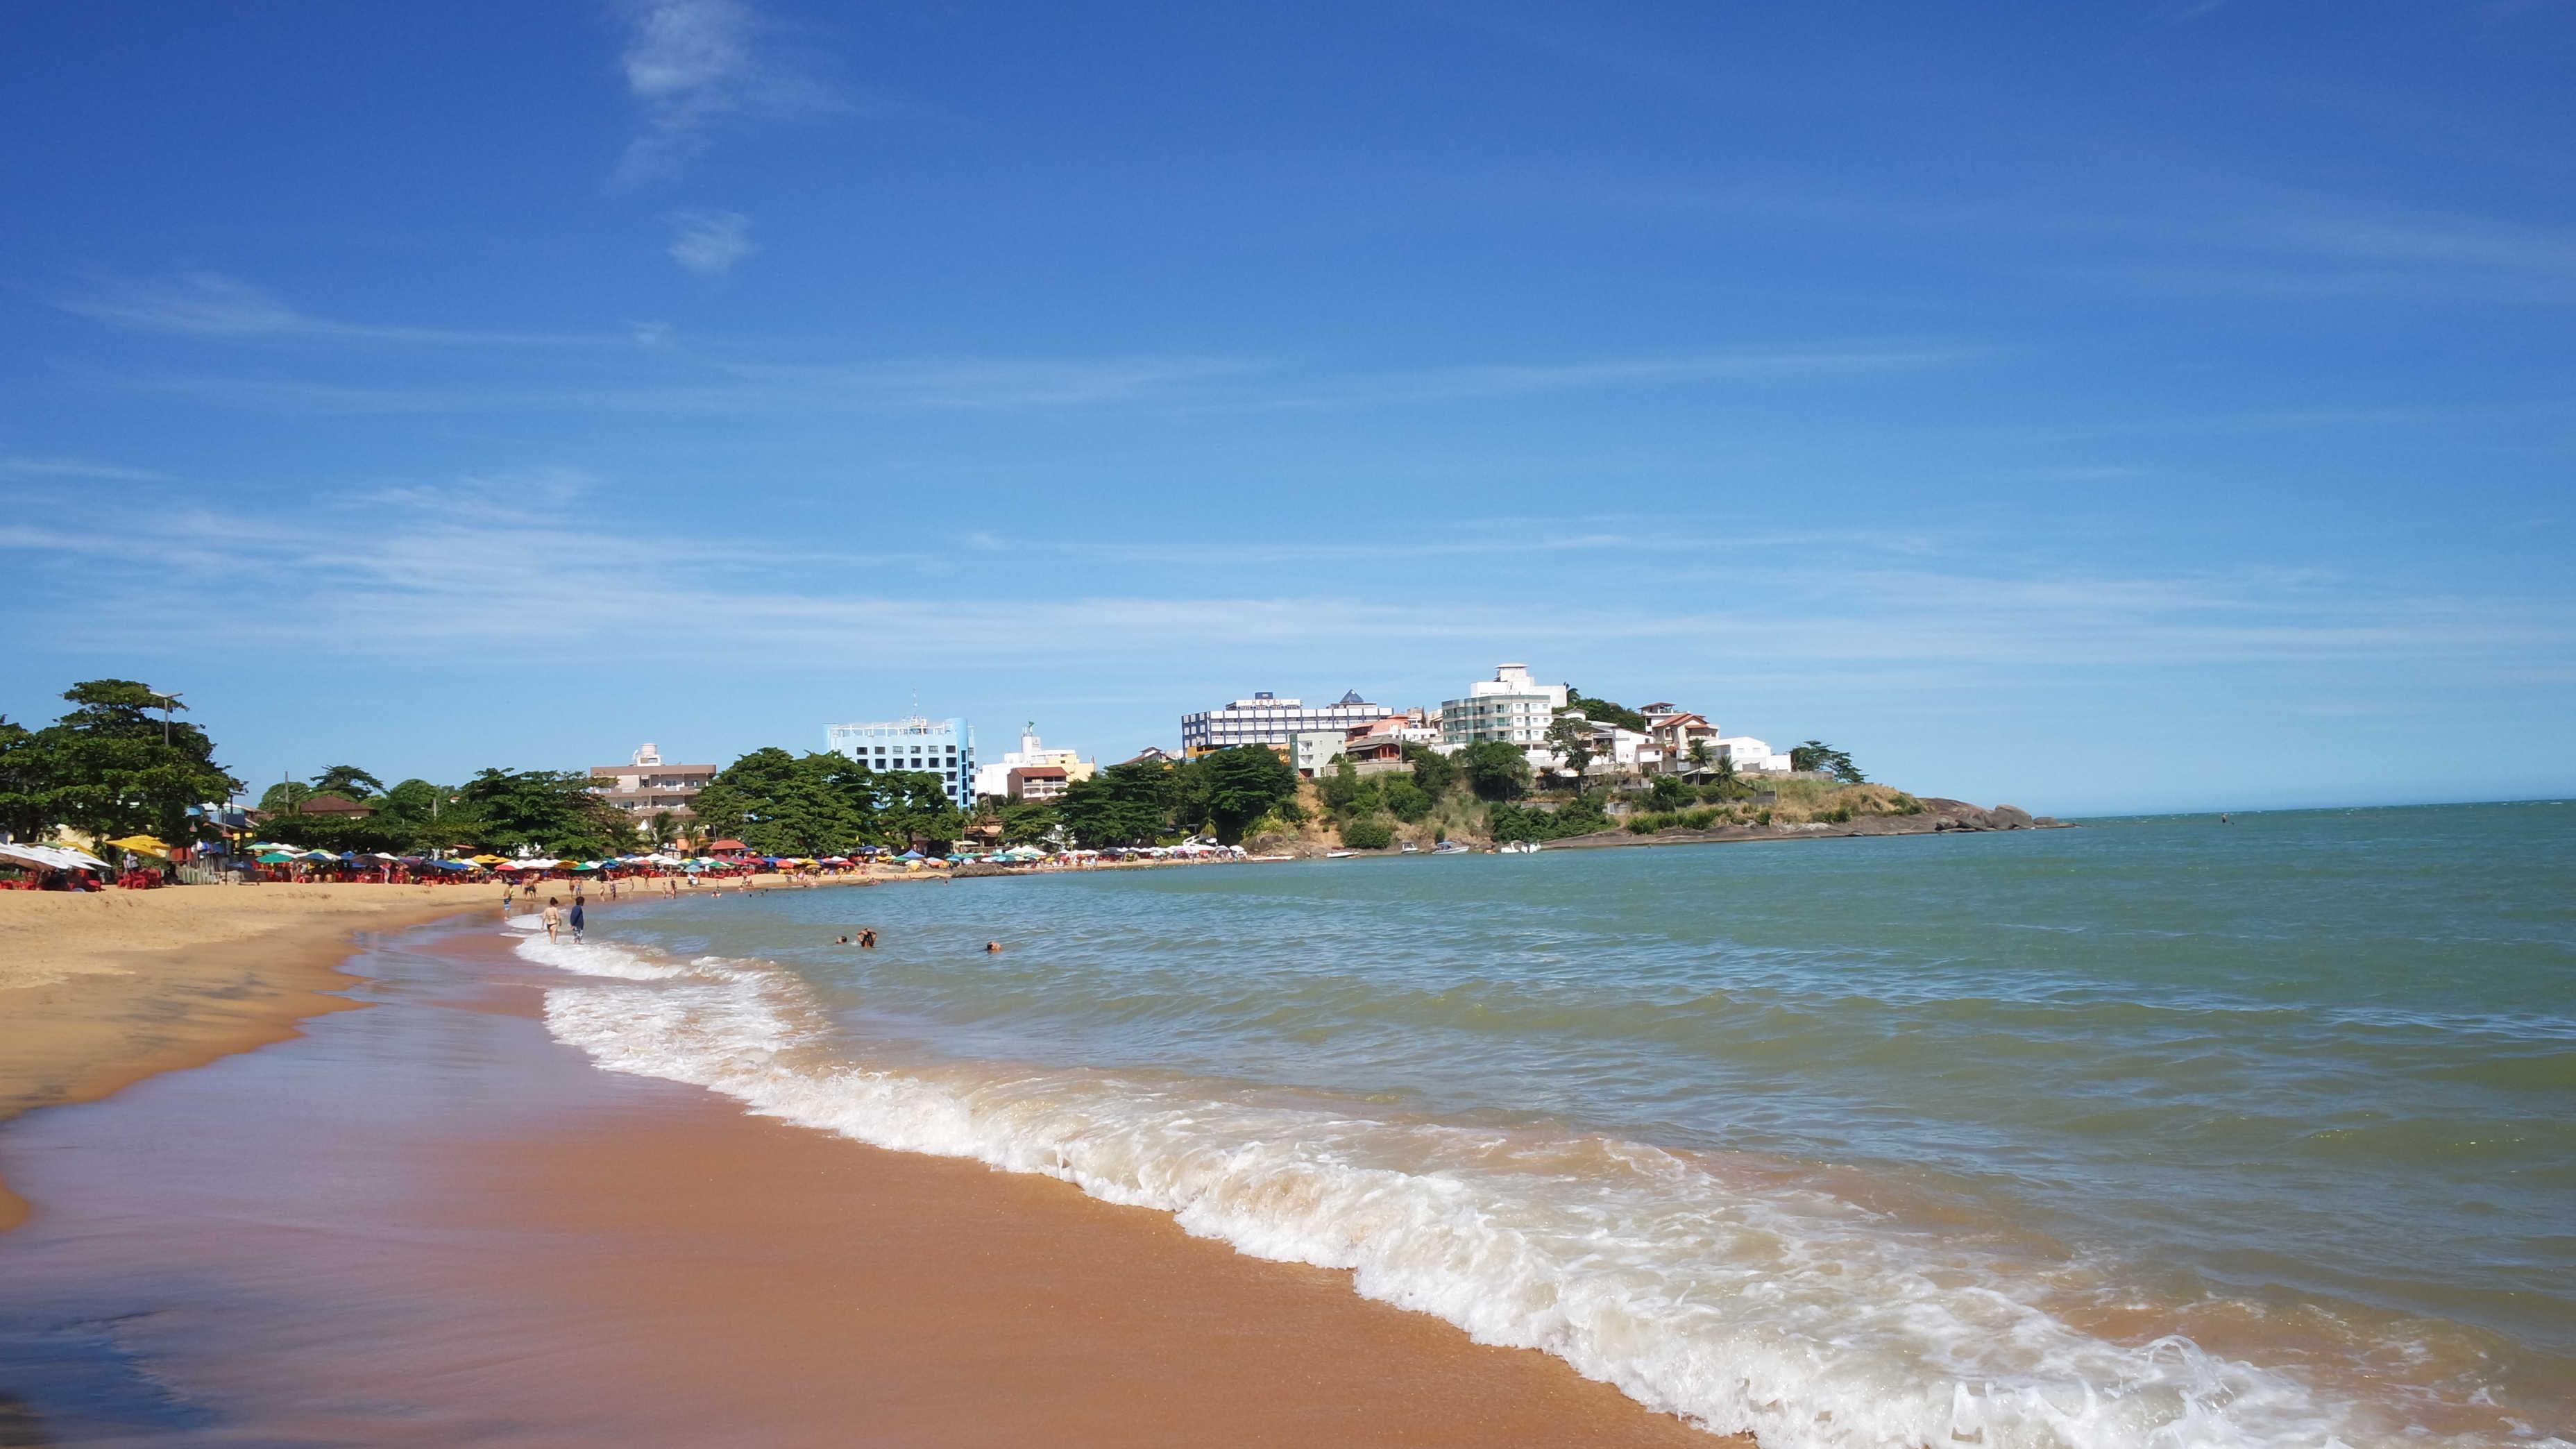 Praia de Areia Preta, no Balneário de Iriri, em Anchieta, Espírito Santo